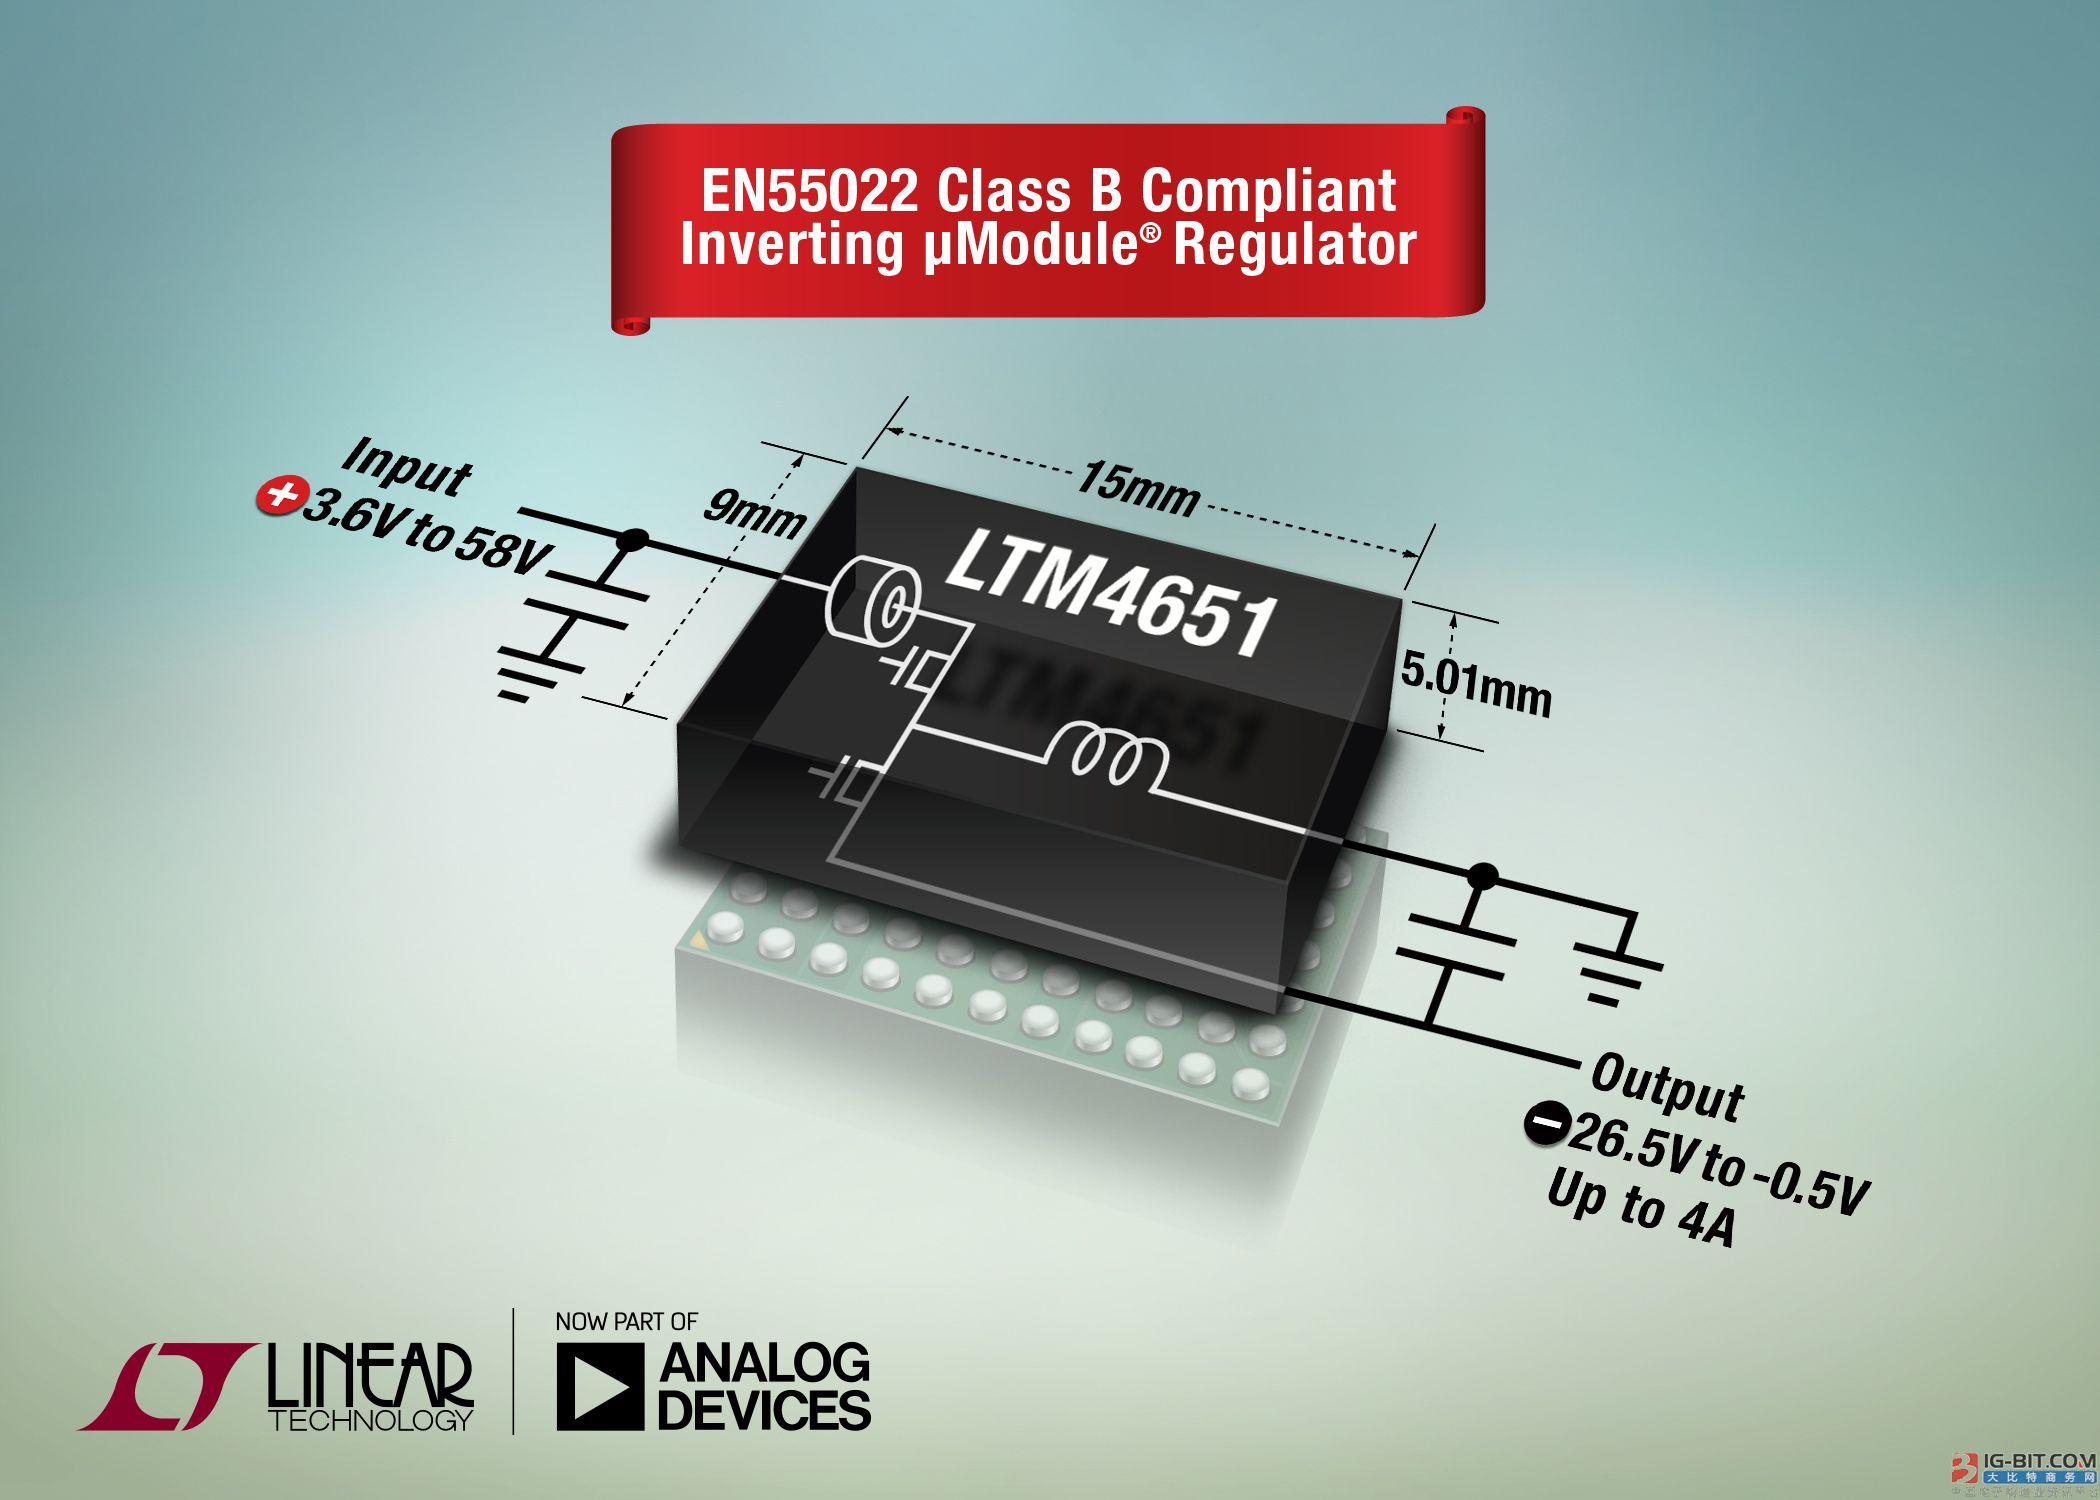 58VIN、24W、负输出µModule 稳压器符合EN55022Class B 要求